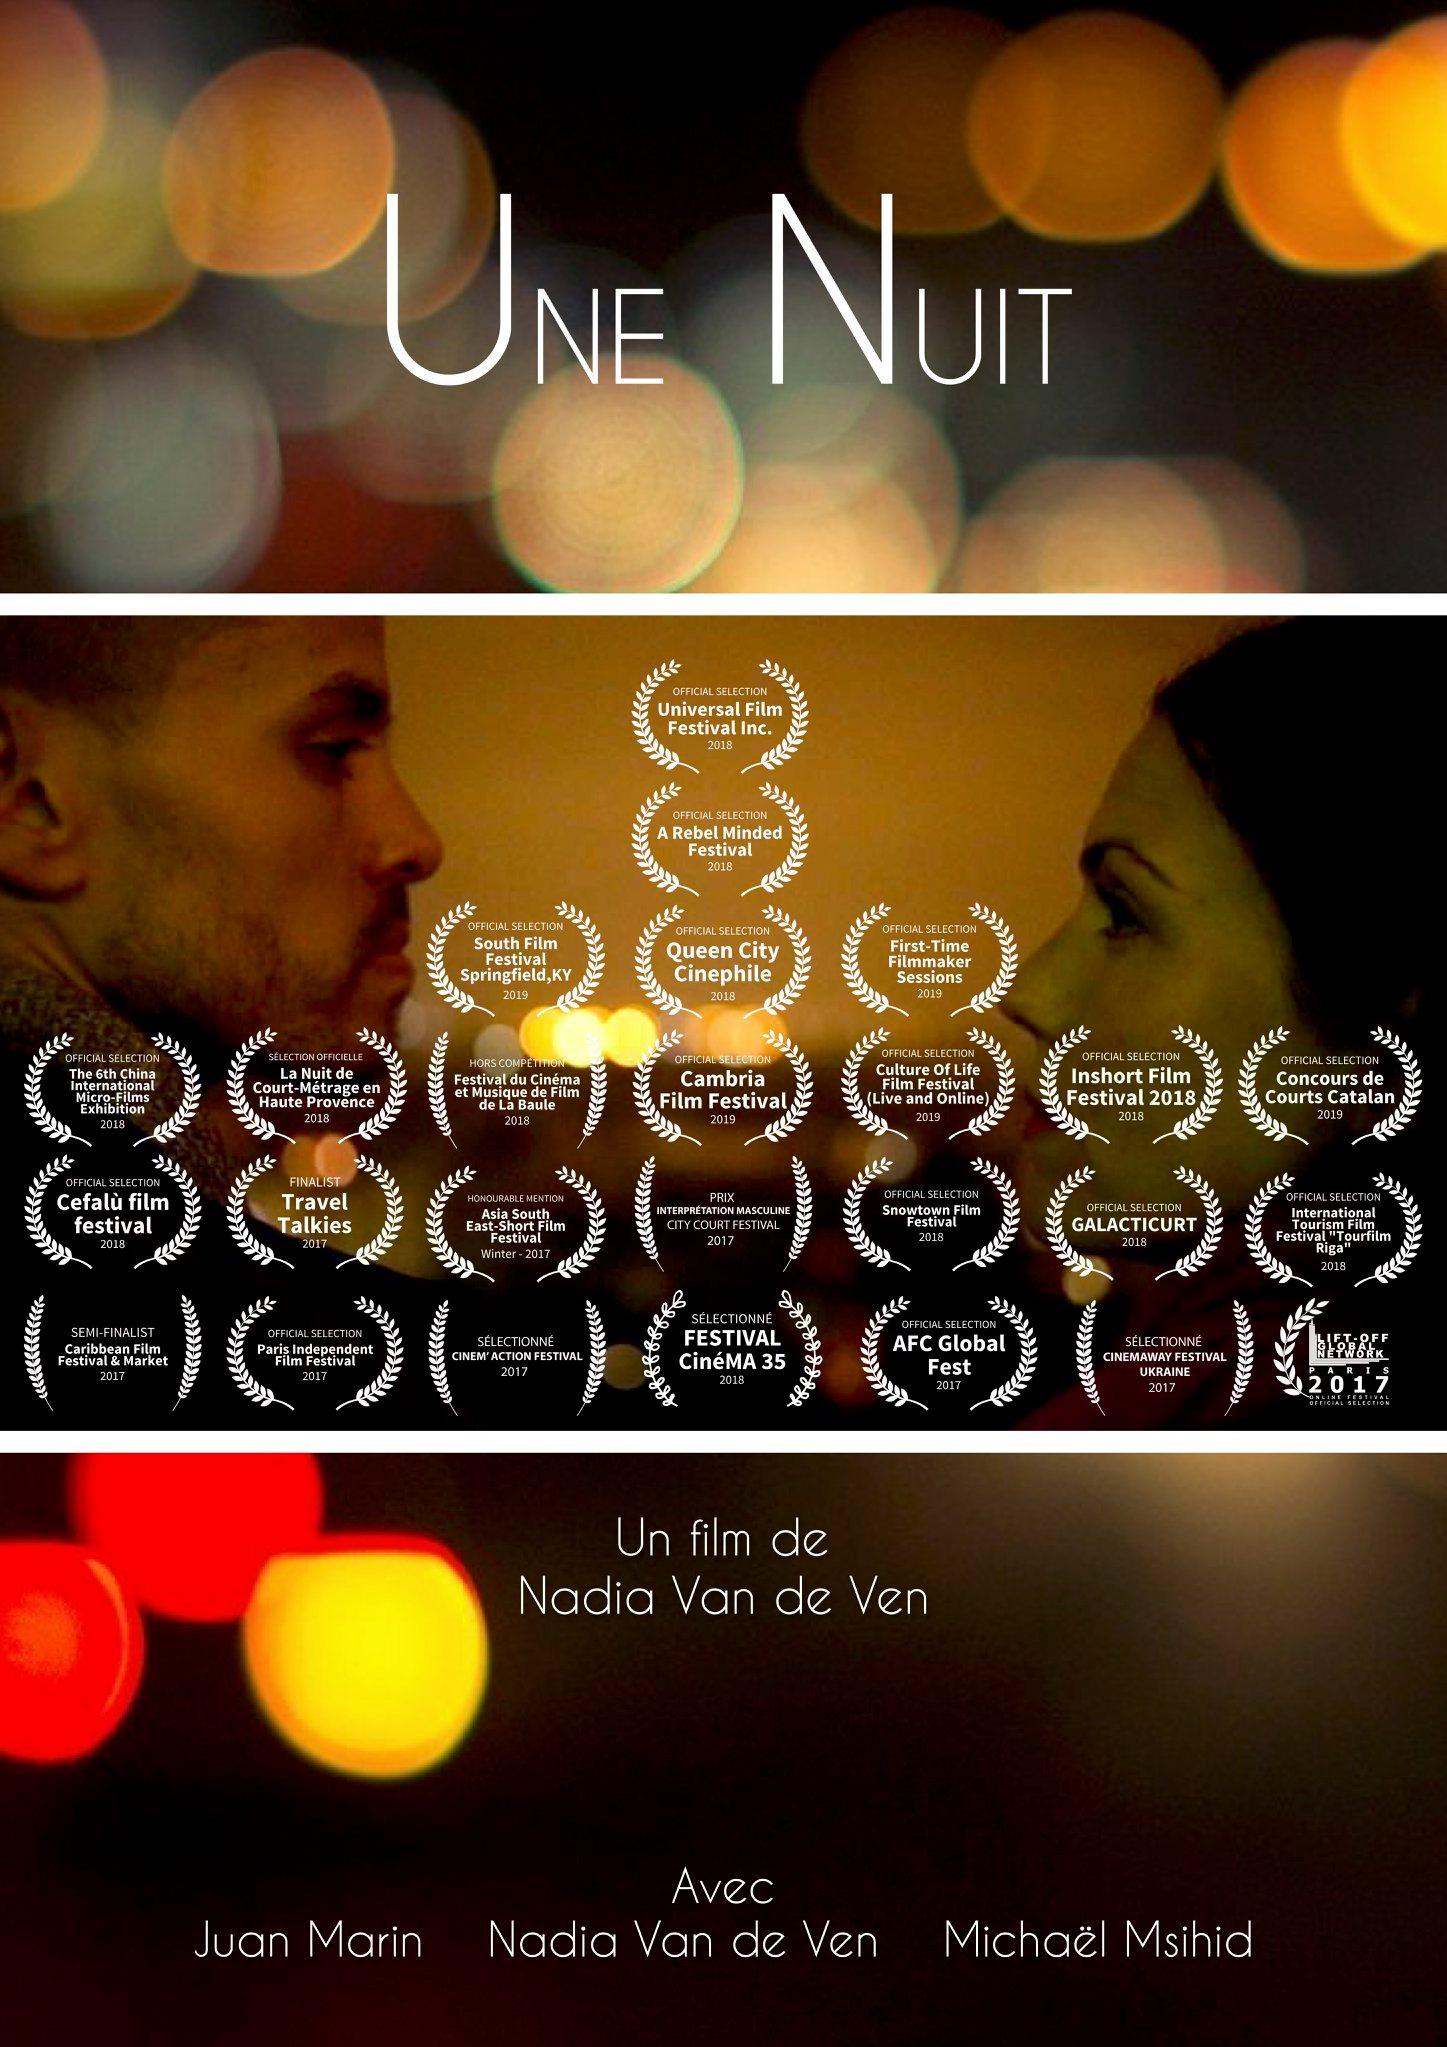 Une Nuit - Nadia Van de Ven .jpg